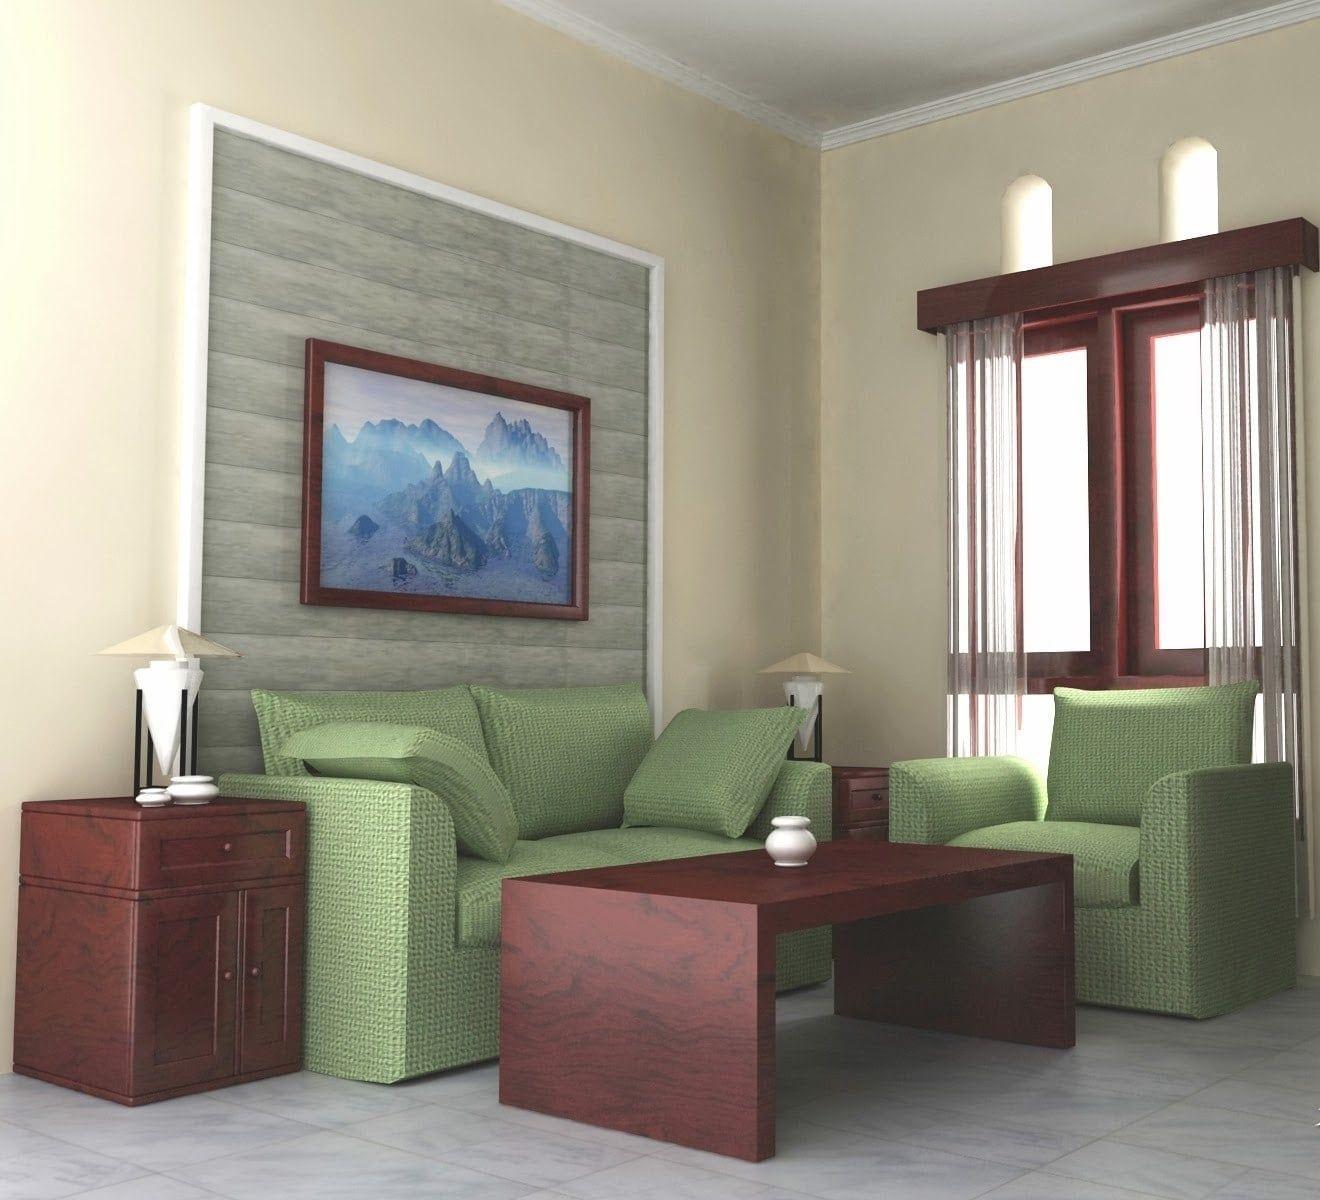 Desain Dekorasi Ruang Tamu Ukuran 2x3 In 2020 Small Living Room